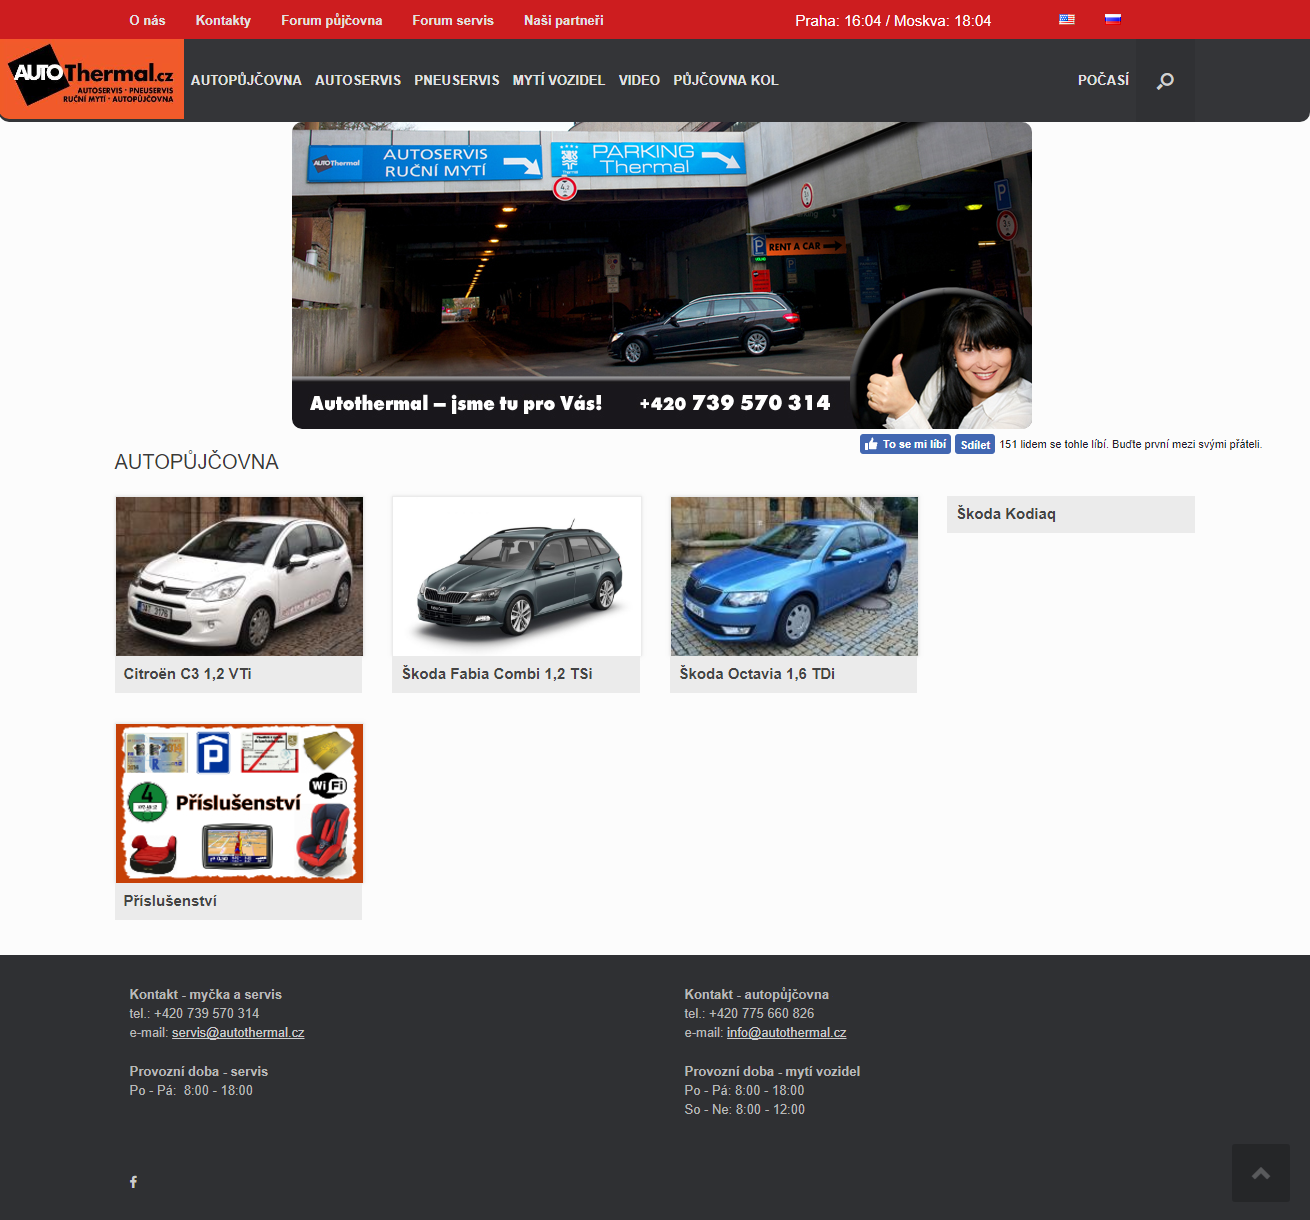 Web firmy, zabývající se půjčování a servisem aut založený na WordPressu a šabloně Vantage na základě designu zákazníka.